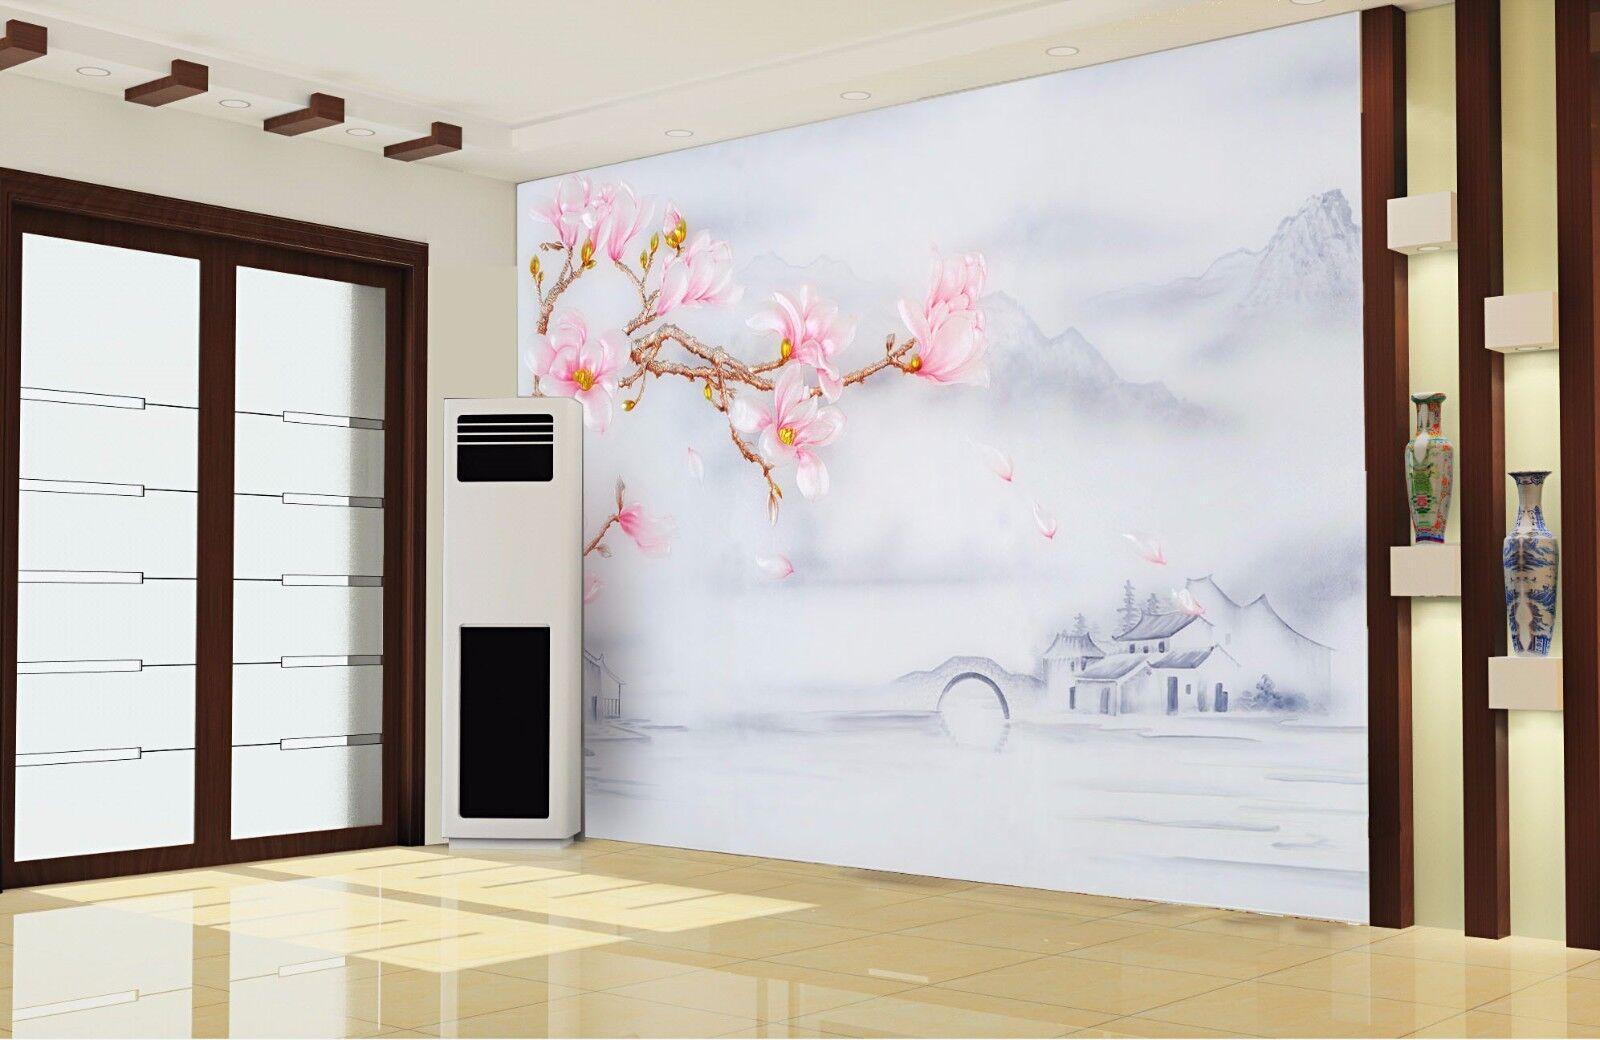 3D Wasserdorf Landschaft 73 Tapete Wandgemälde Tapete Tapeten Bild Familie DE | Treten Sie ein in die Welt der Spielzeuge und finden Sie eine Quelle des Glücks  | Online  | Primäre Qualität